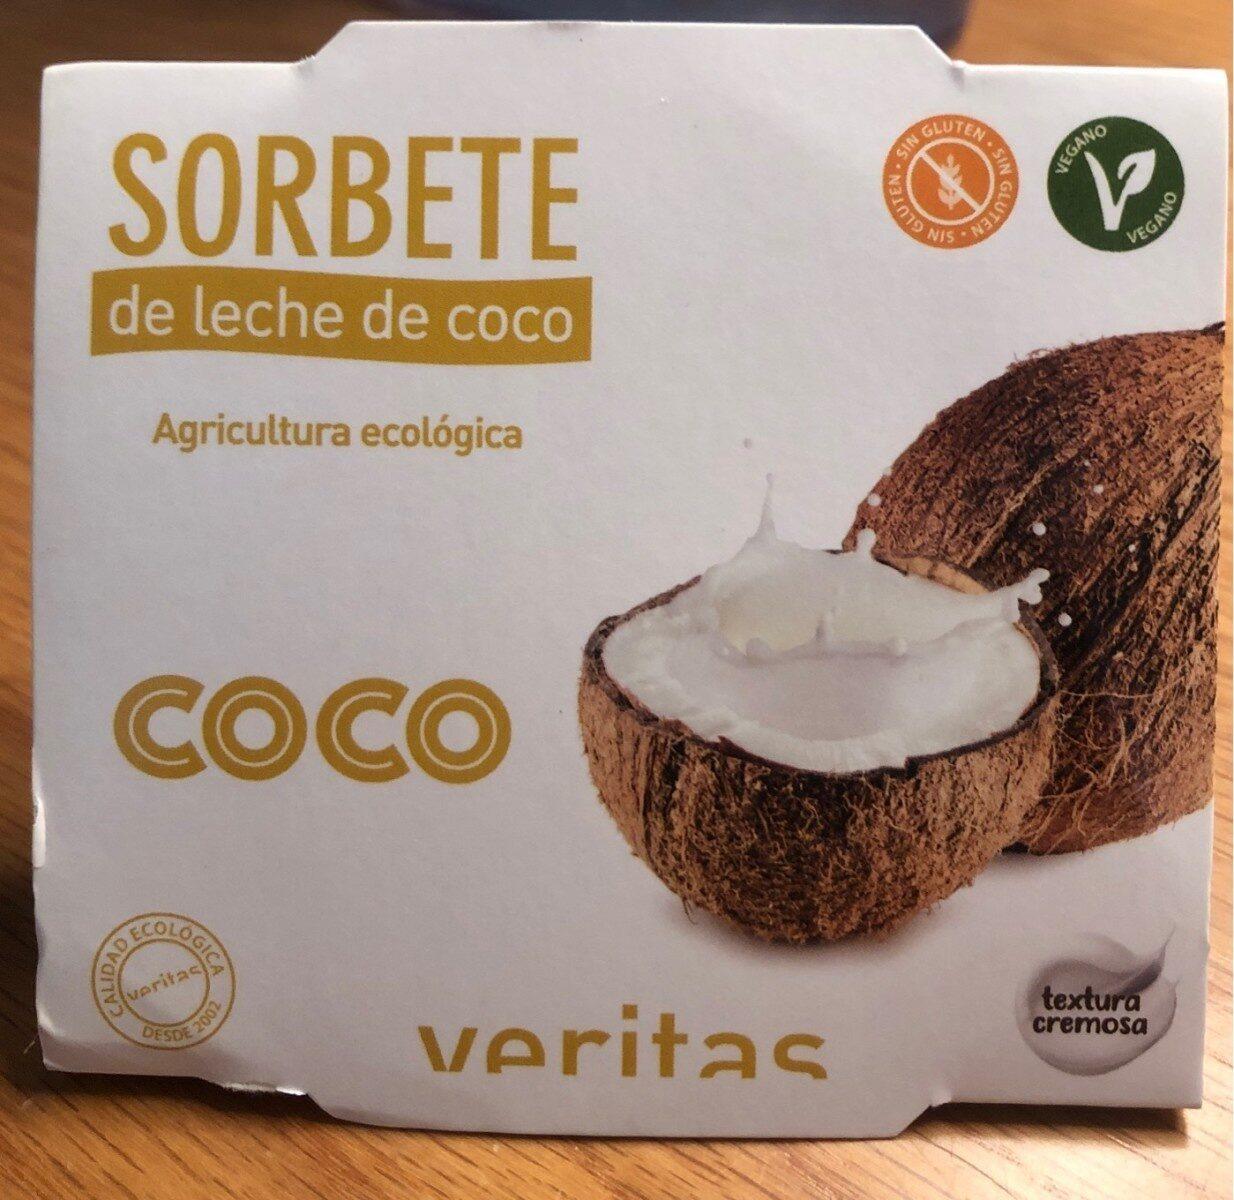 Sorbete de leche de coco - Producto